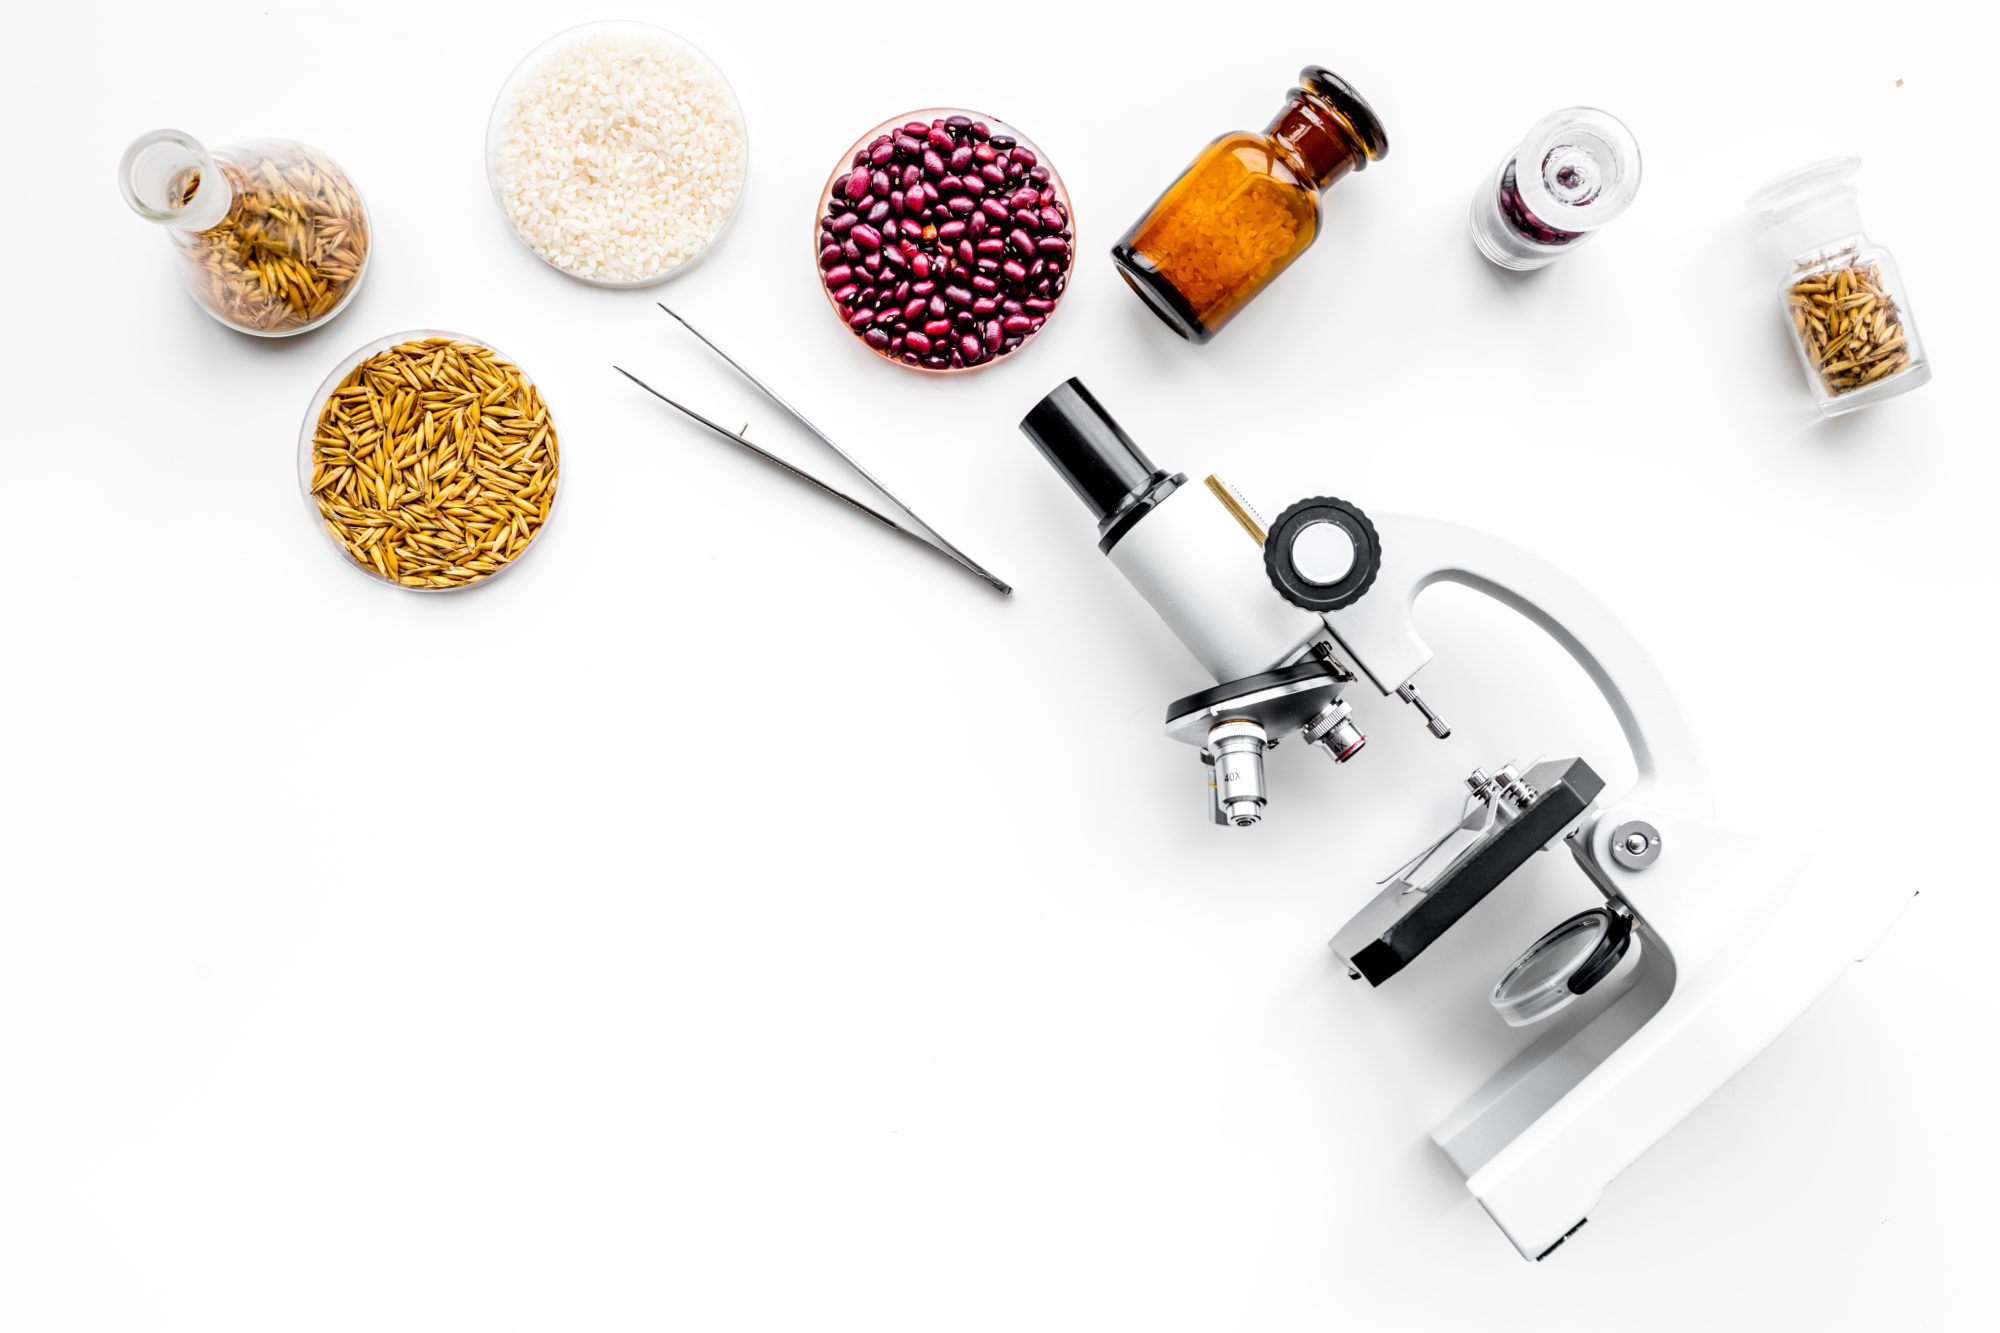 Lípidos: una visión nutricional, tecnológica y alimentaria para la mejora de la salud y la calidad de vida